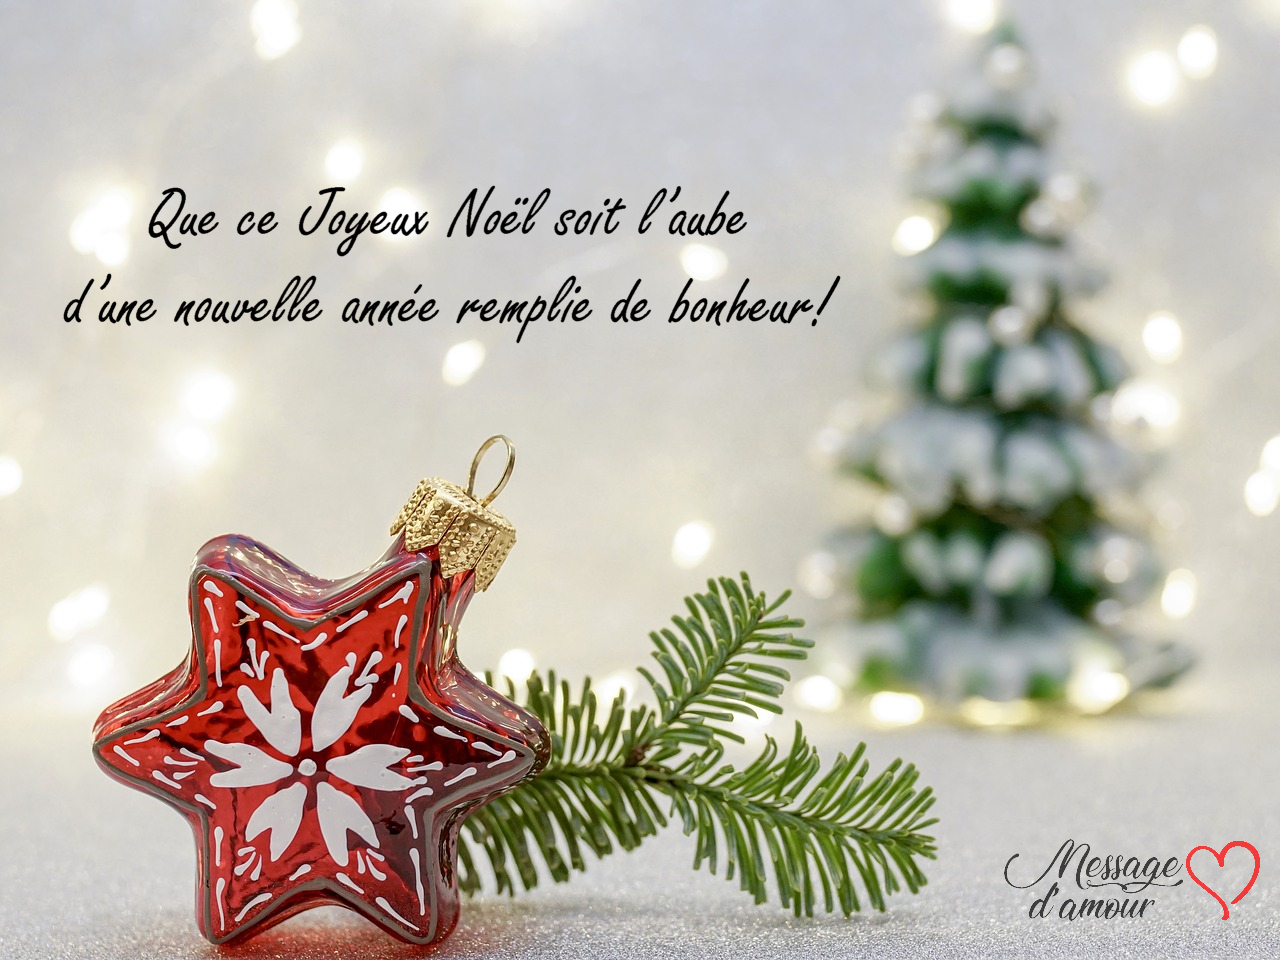 10 Sms Pour Souhaiter Un Joyeux Noël Message Damour